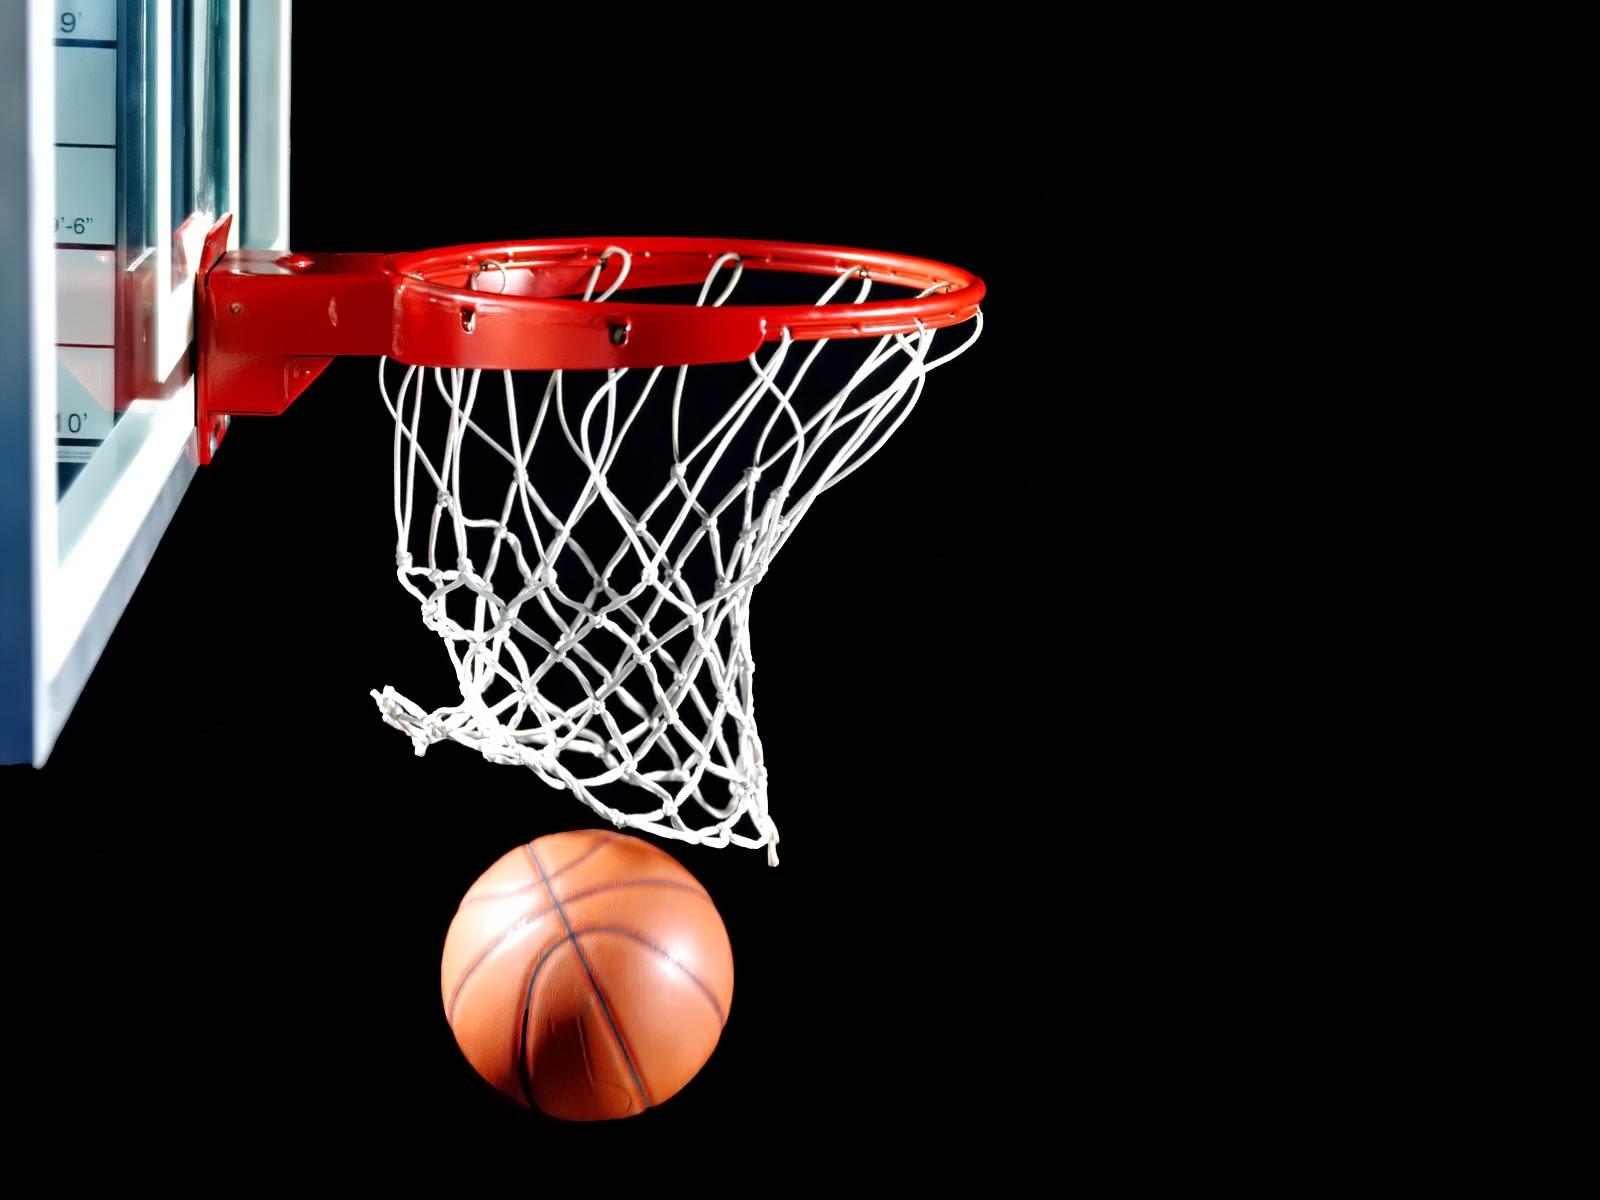 Live Basketball Wallpapers for Desktop WallpaperSafari